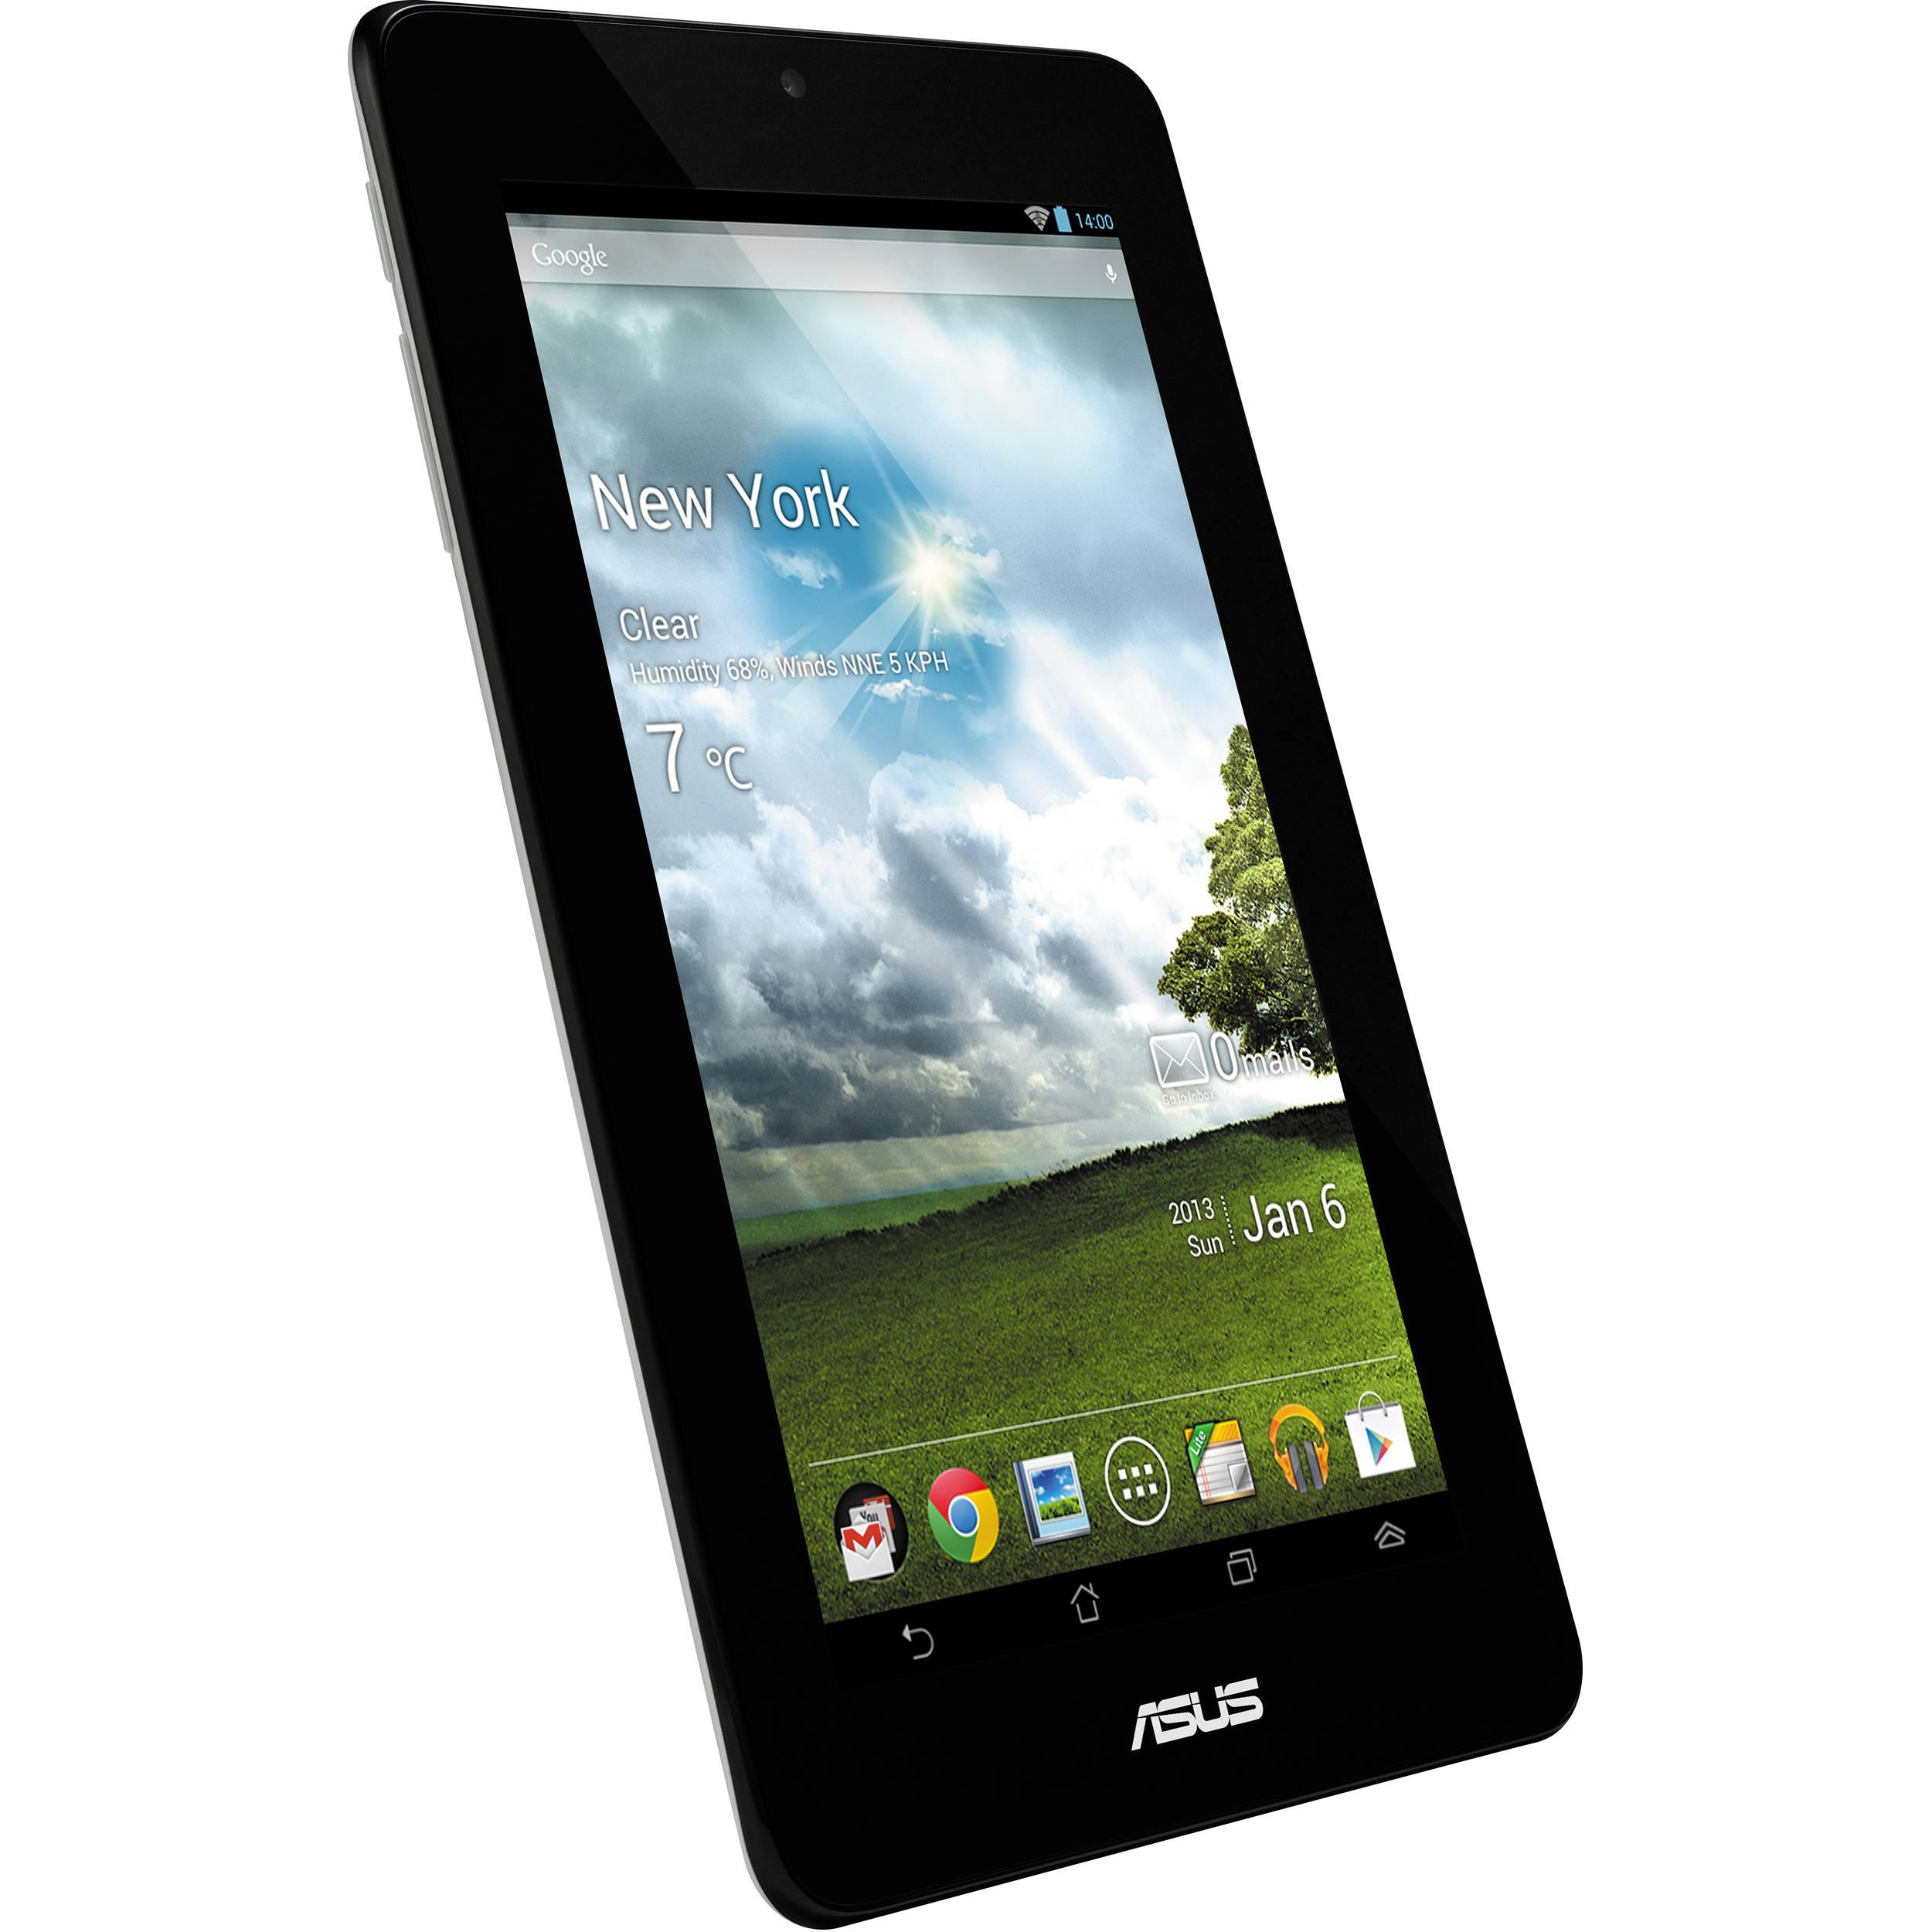 ASUS 16GB MeMO Pad 7